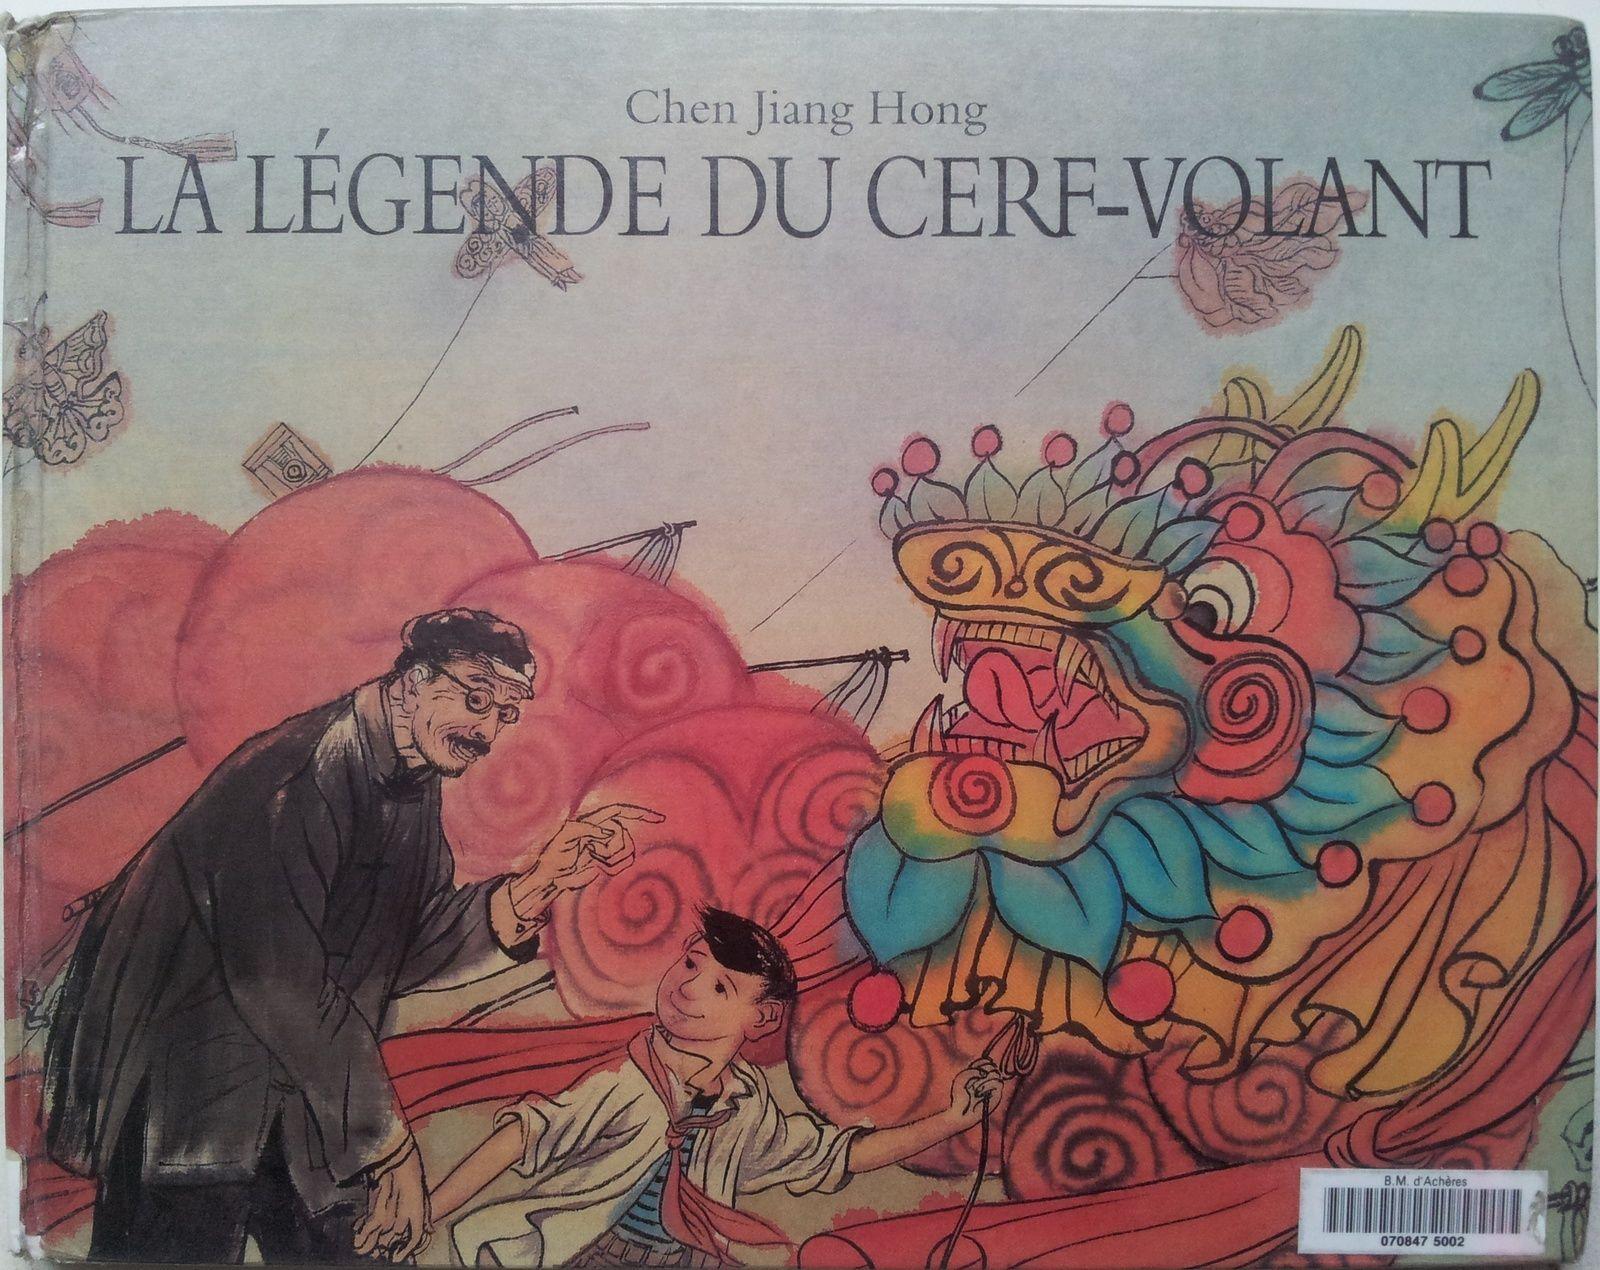 La Legende Du Cerf Volant Chen Jiang Hong Des 6 Ans Vivrelivre Cerf Volant Ecole Des Loisirs Cerf